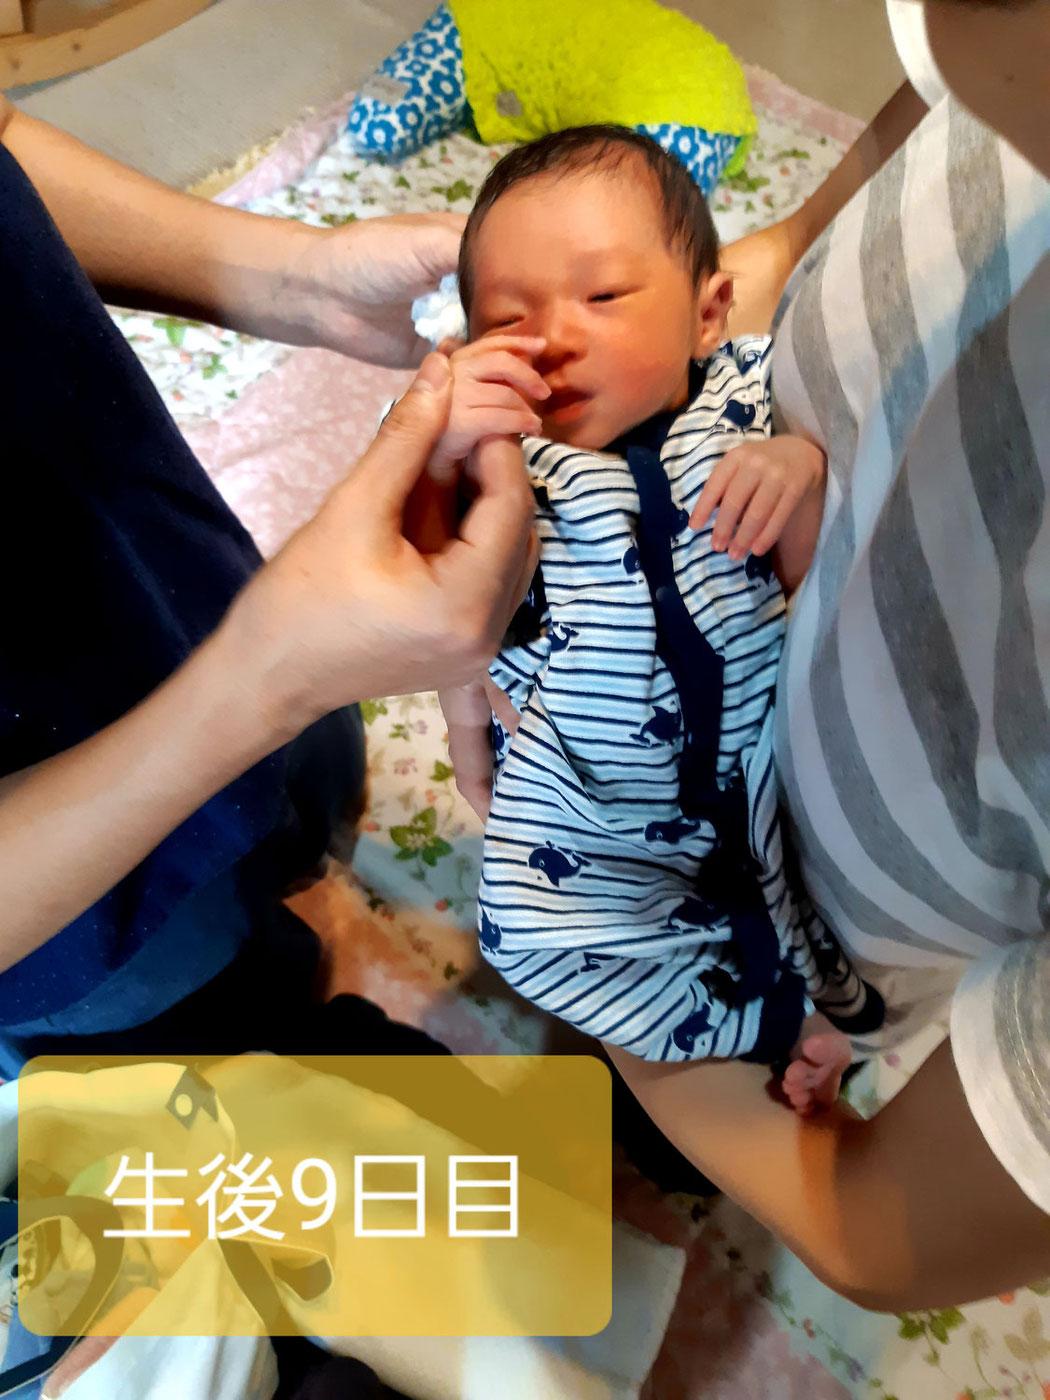 母の家 生後9日目の赤ちゃんケア・相談